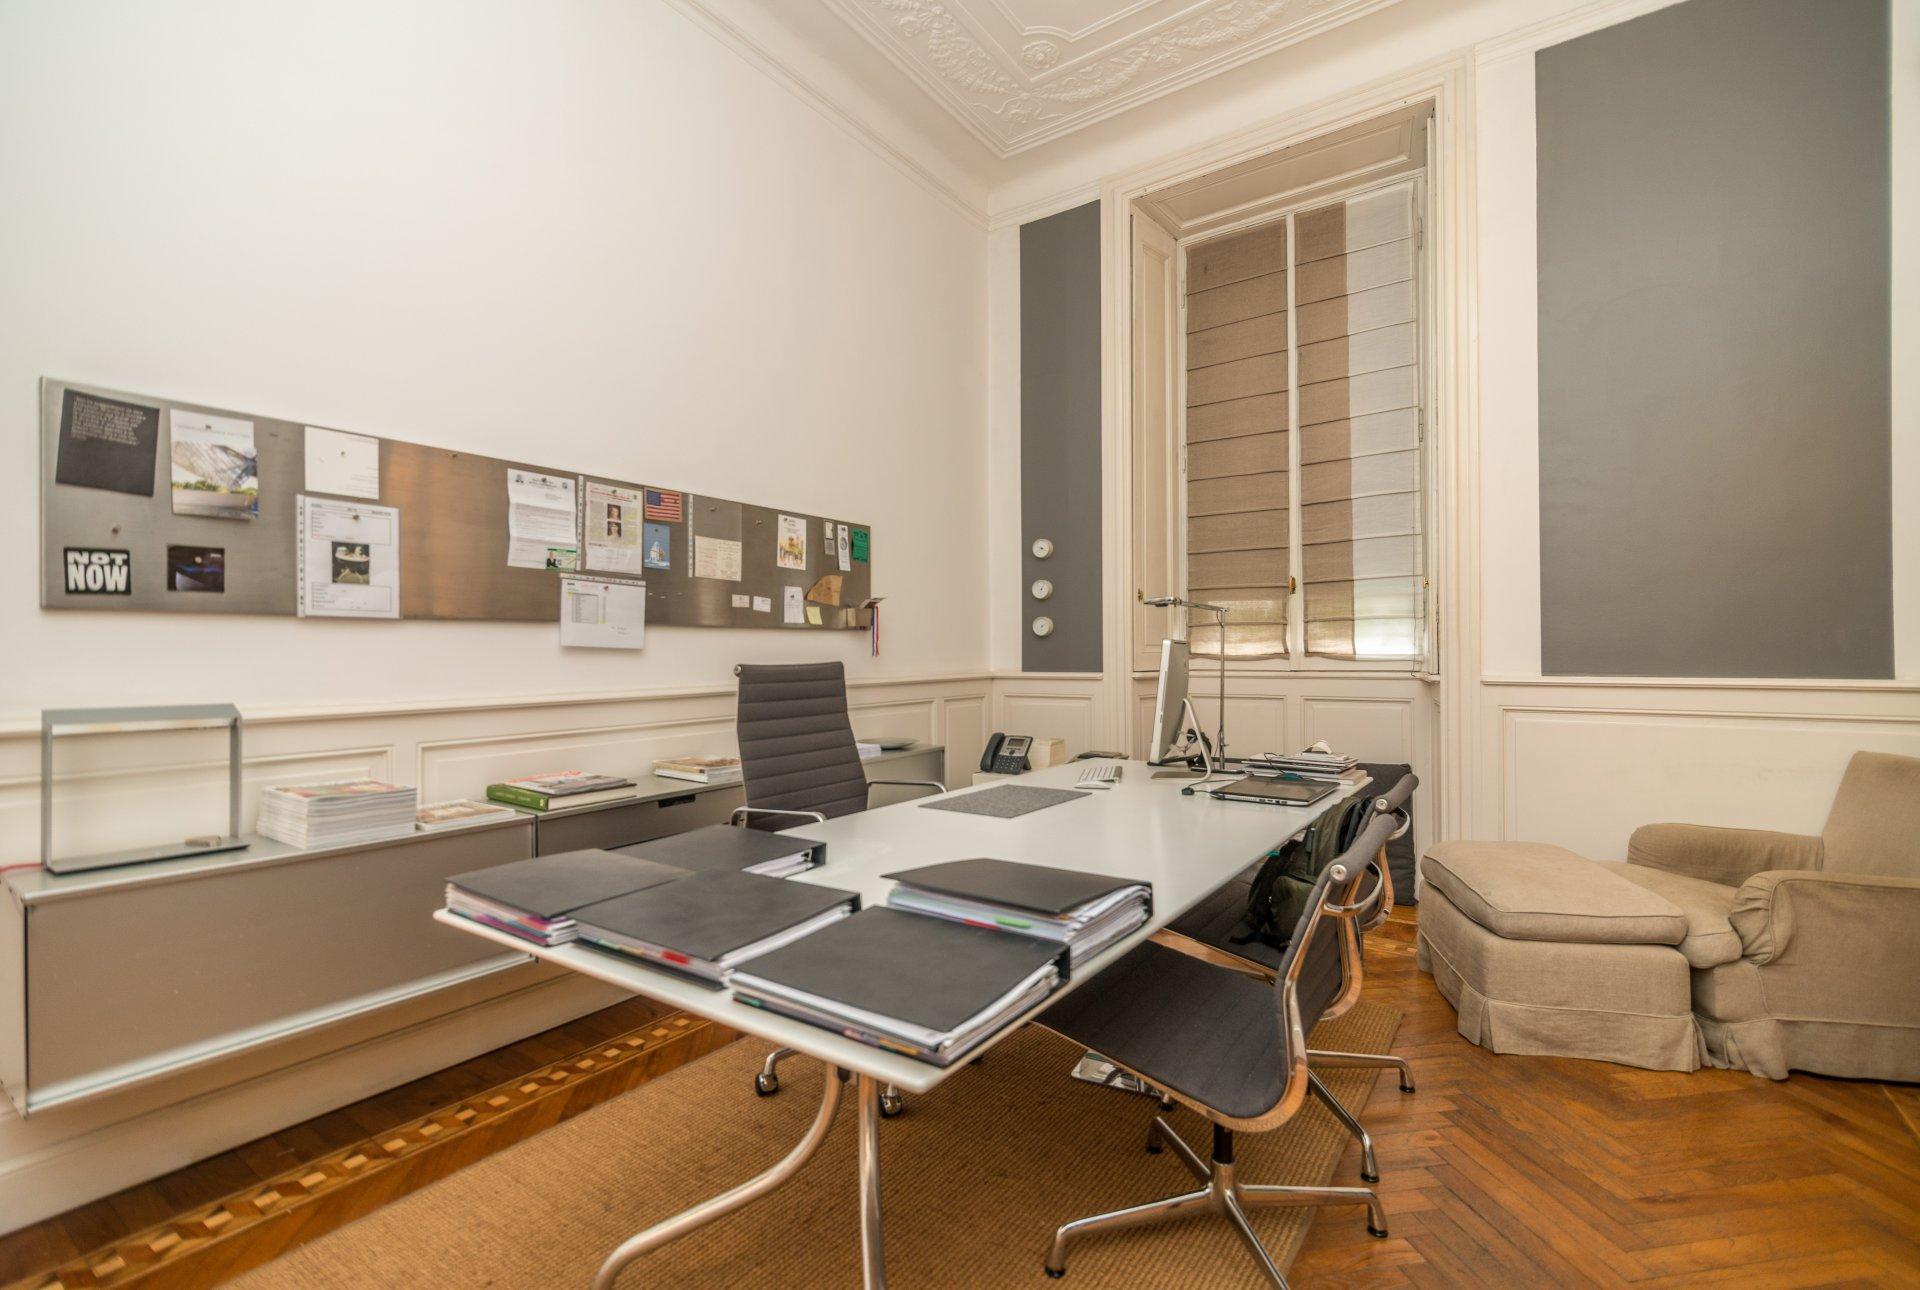 Annuncio affitto ufficio milano 20100 5 camere ref l0741mi for Affitto ufficio roma trieste salario